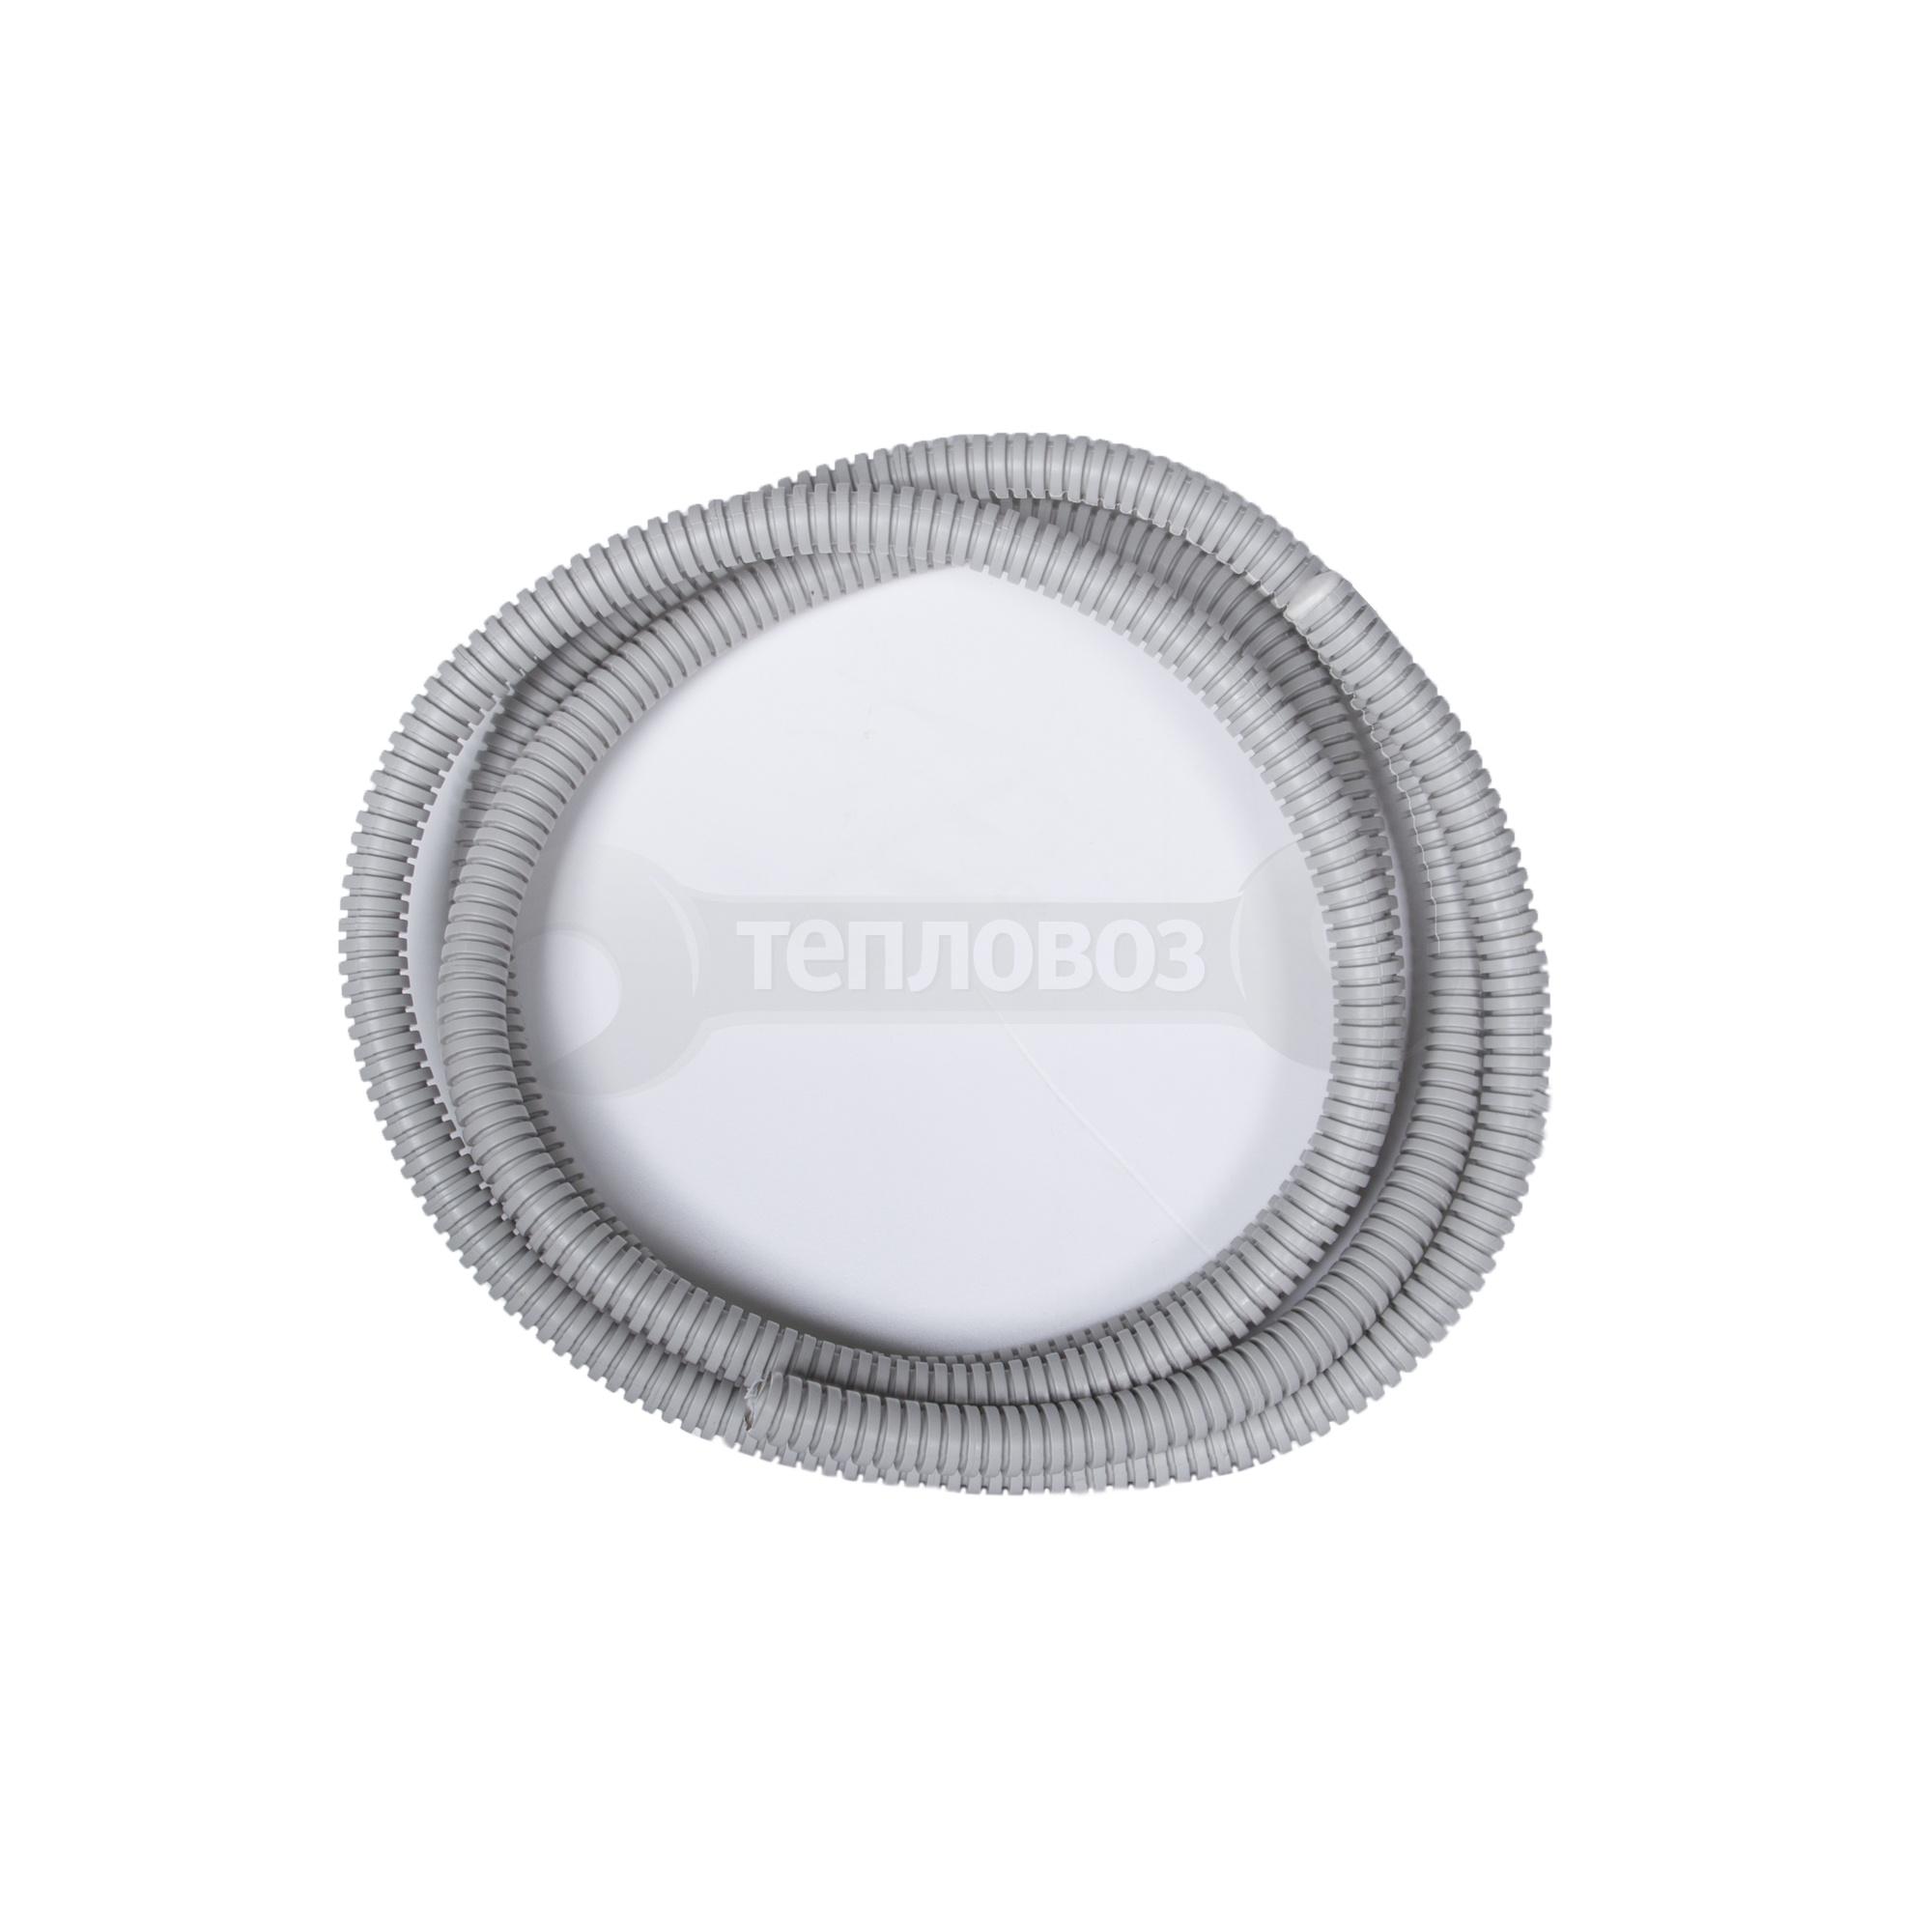 Spyheat SHD-15-1200 Вт